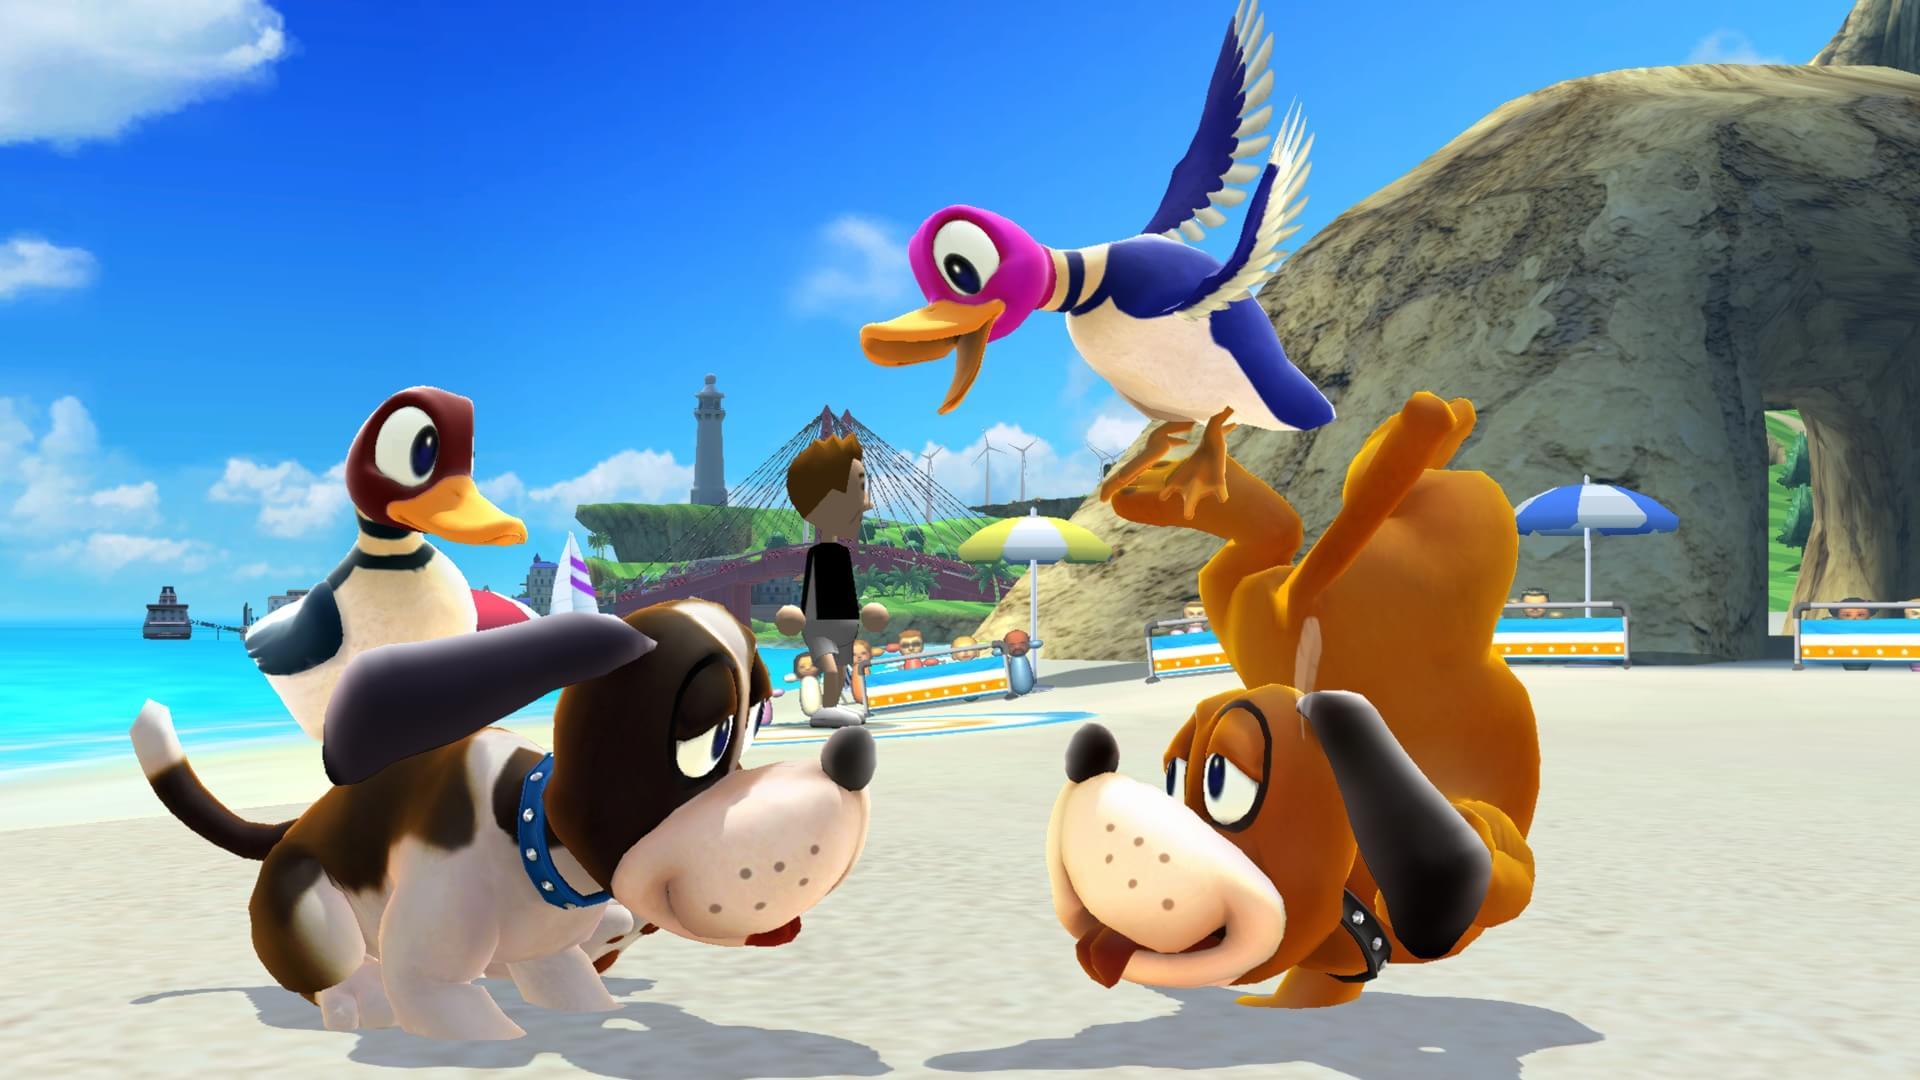 Animais de Duck Hunt entram em ação em Smash Bros. de Wii U [vídeo/imagens]